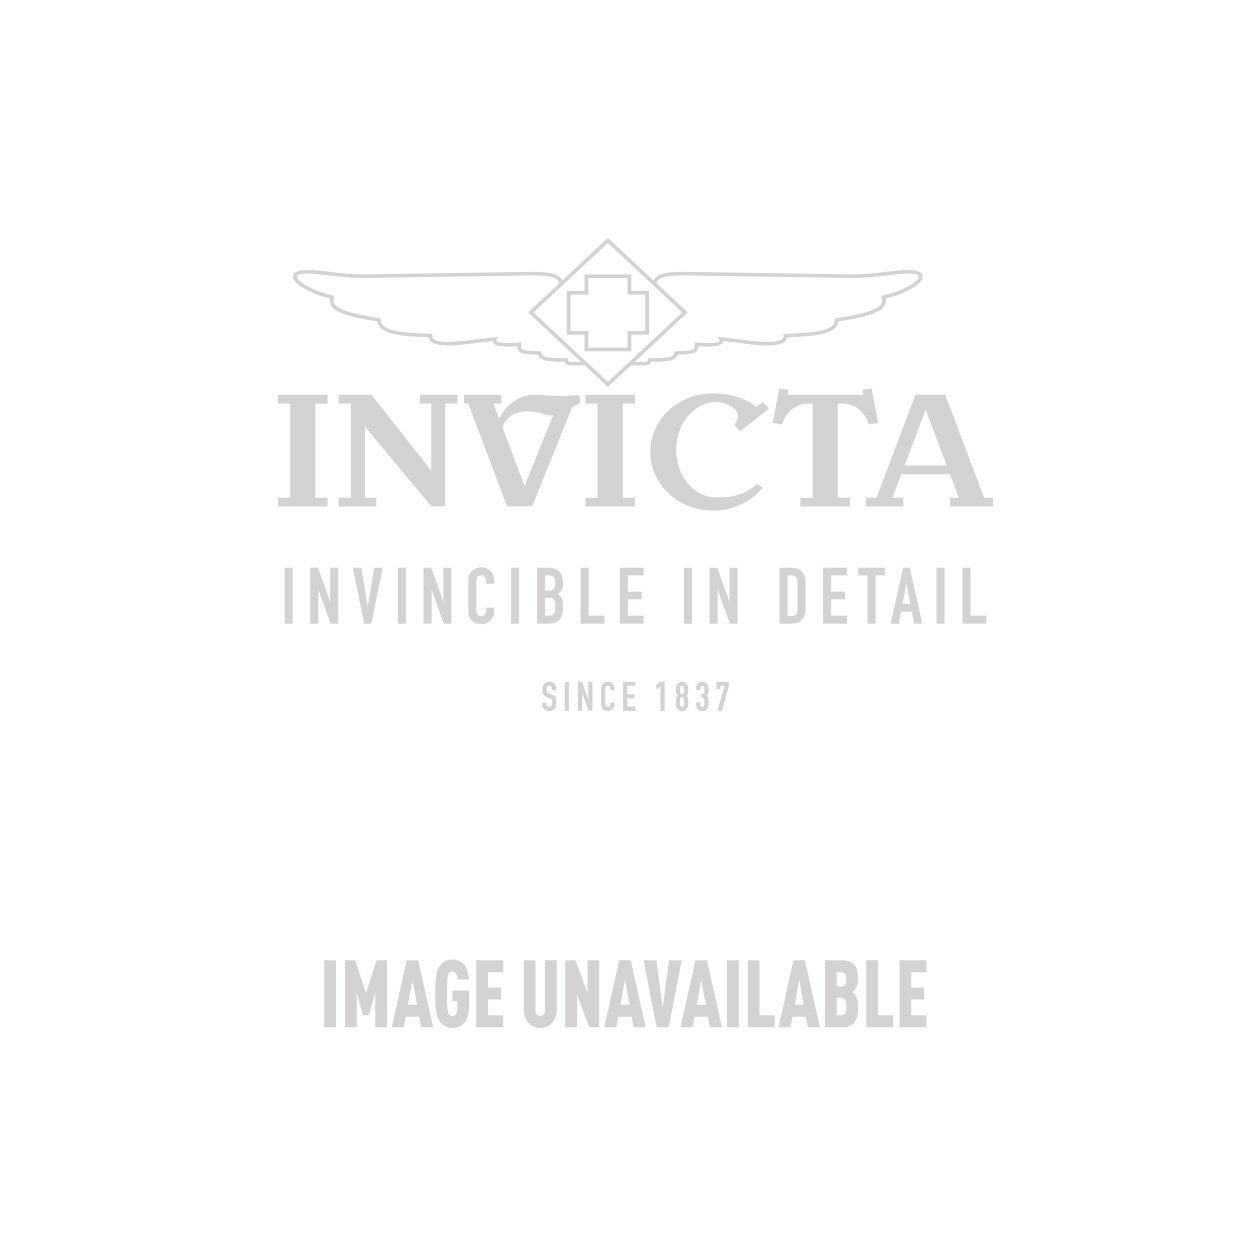 Invicta Model 24189